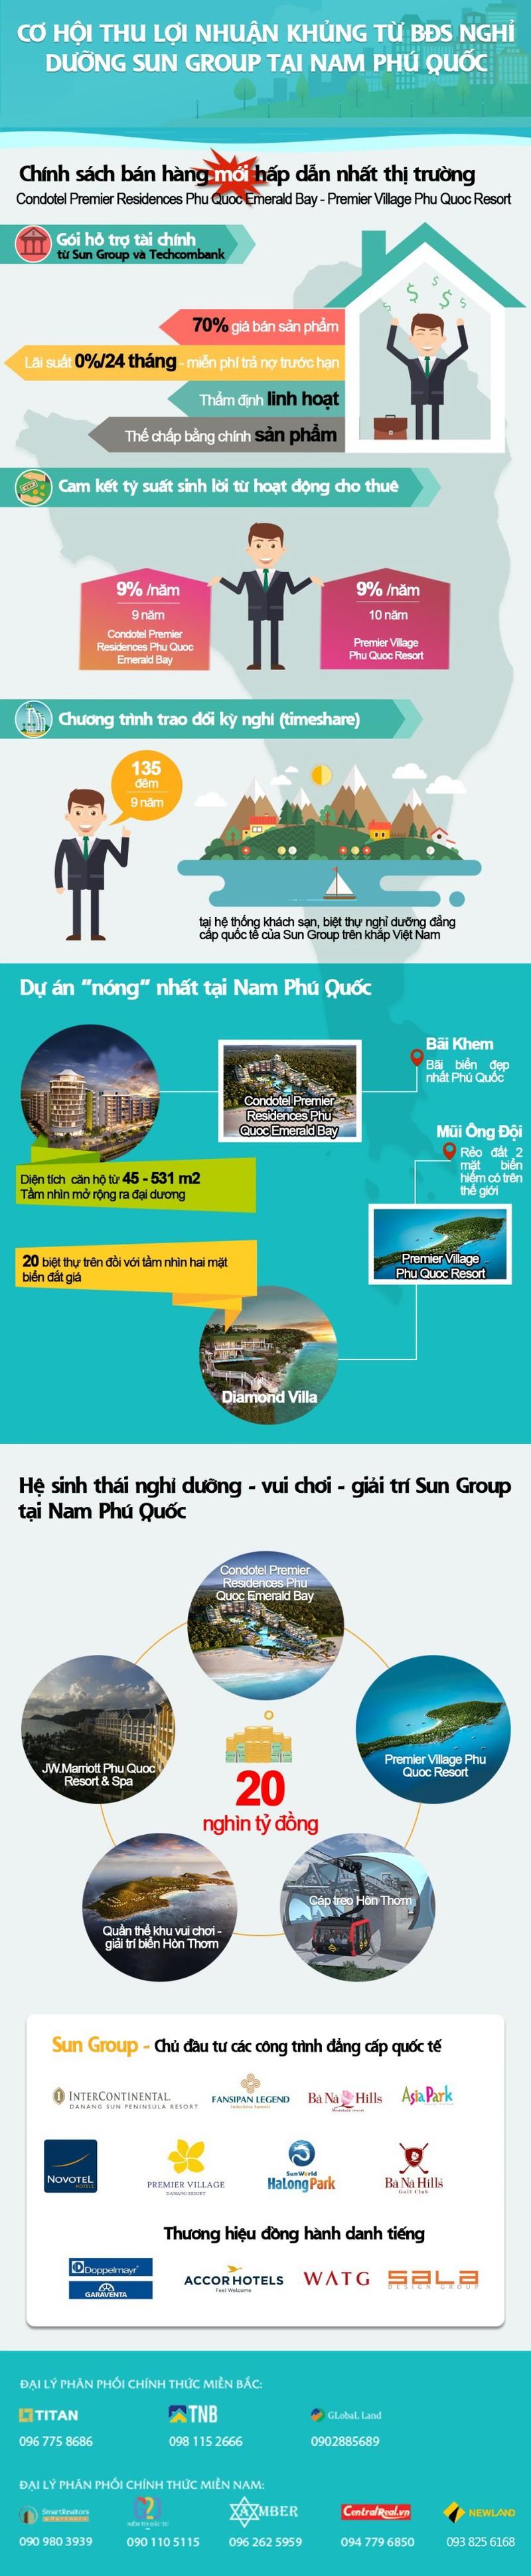 Cơ hội sinh lời với bất động sản nghỉ dưỡng Sun Group - ảnh 1